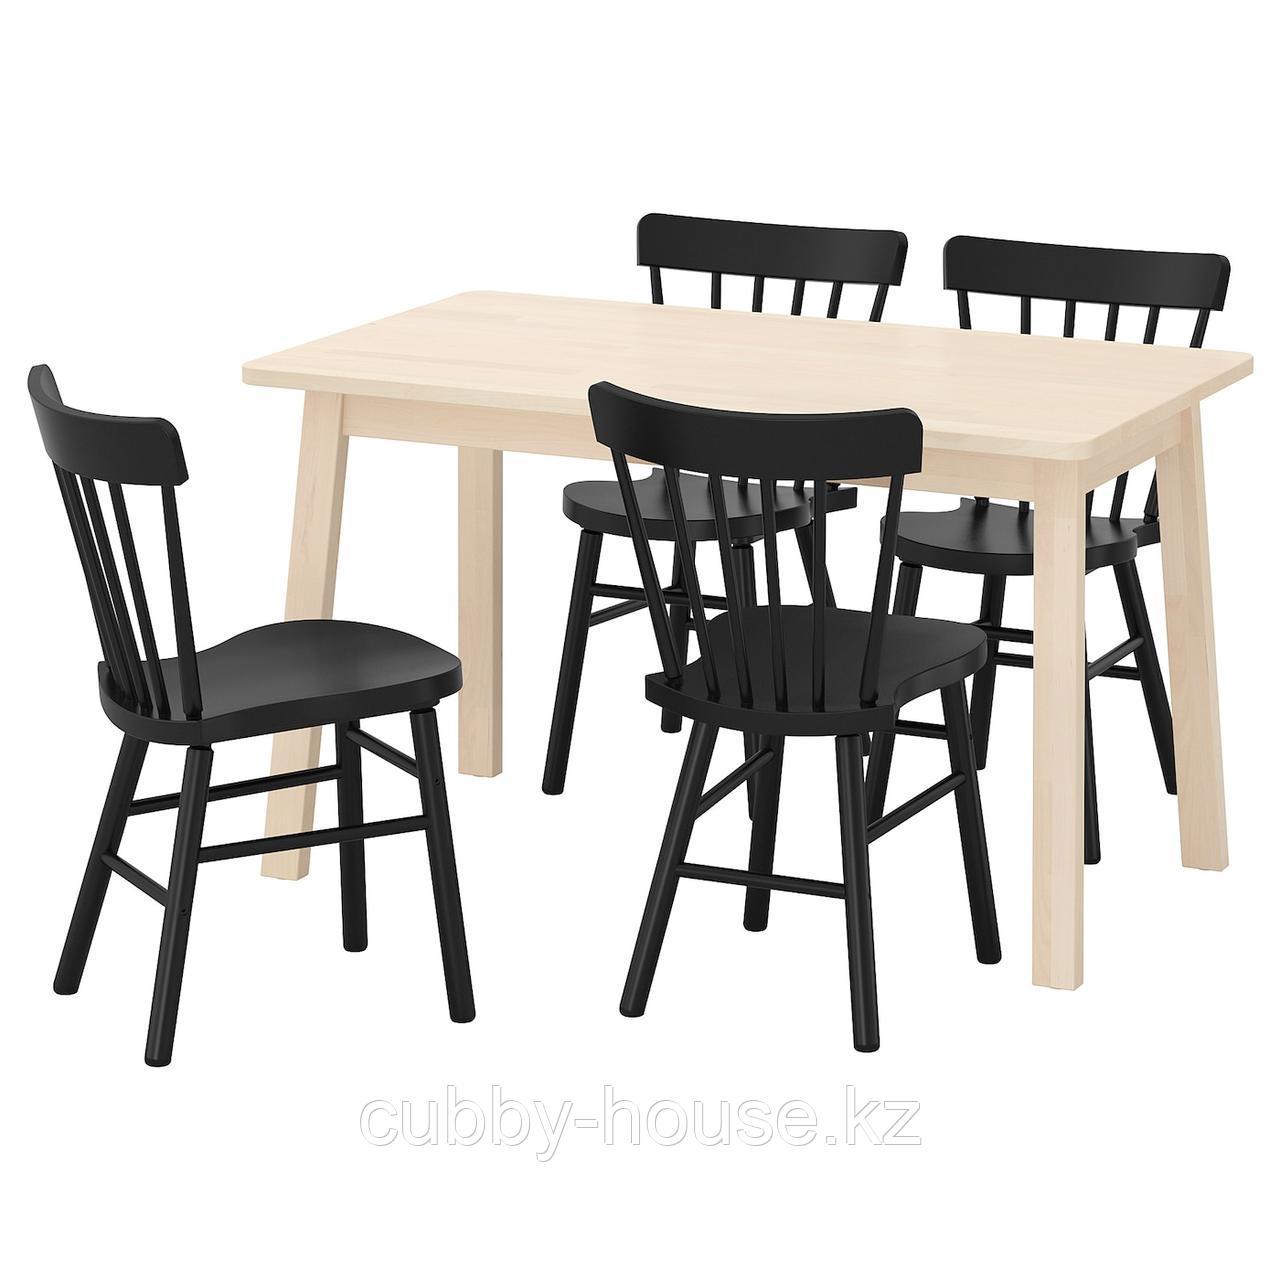 НОРРОКЕР / НОРРАРИД Стол и 4 стула, береза черный, 125x74 см